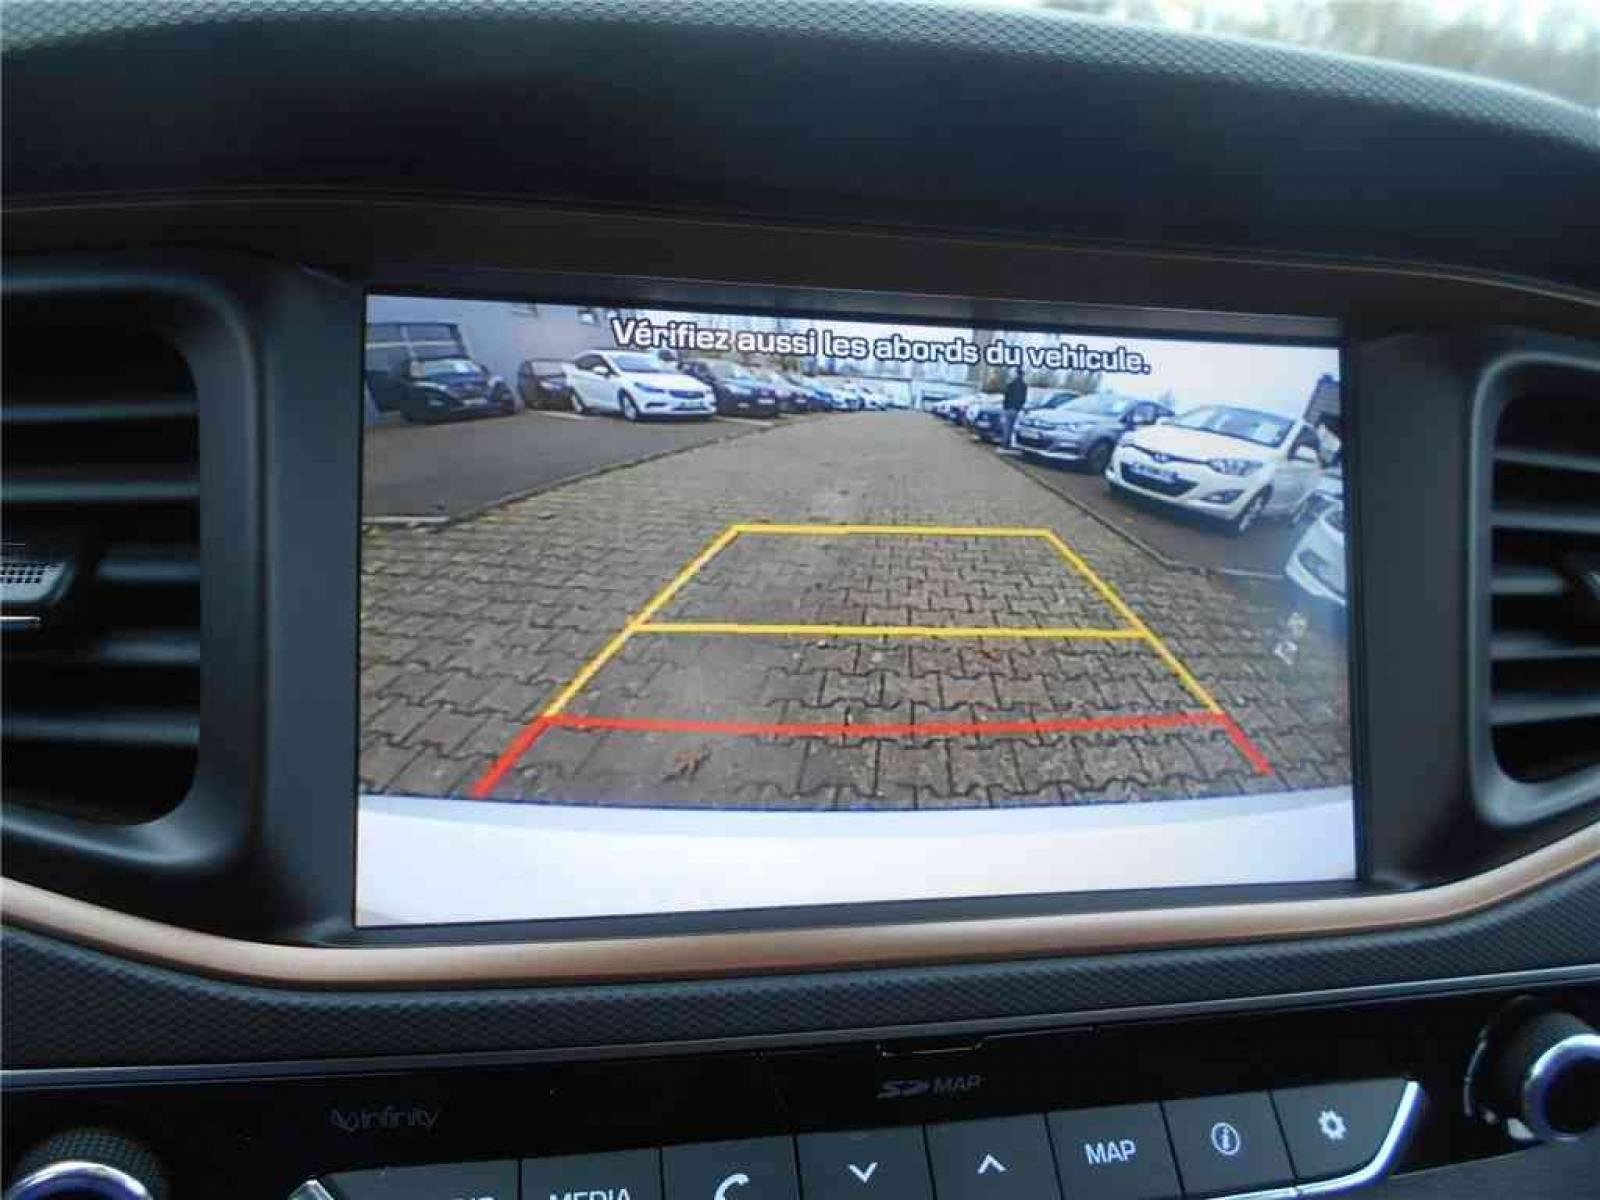 HYUNDAI Ioniq Electric 120 ch - véhicule d'occasion - Groupe Guillet - Chalon Automobiles - 71100 - Chalon-sur-Saône - 19